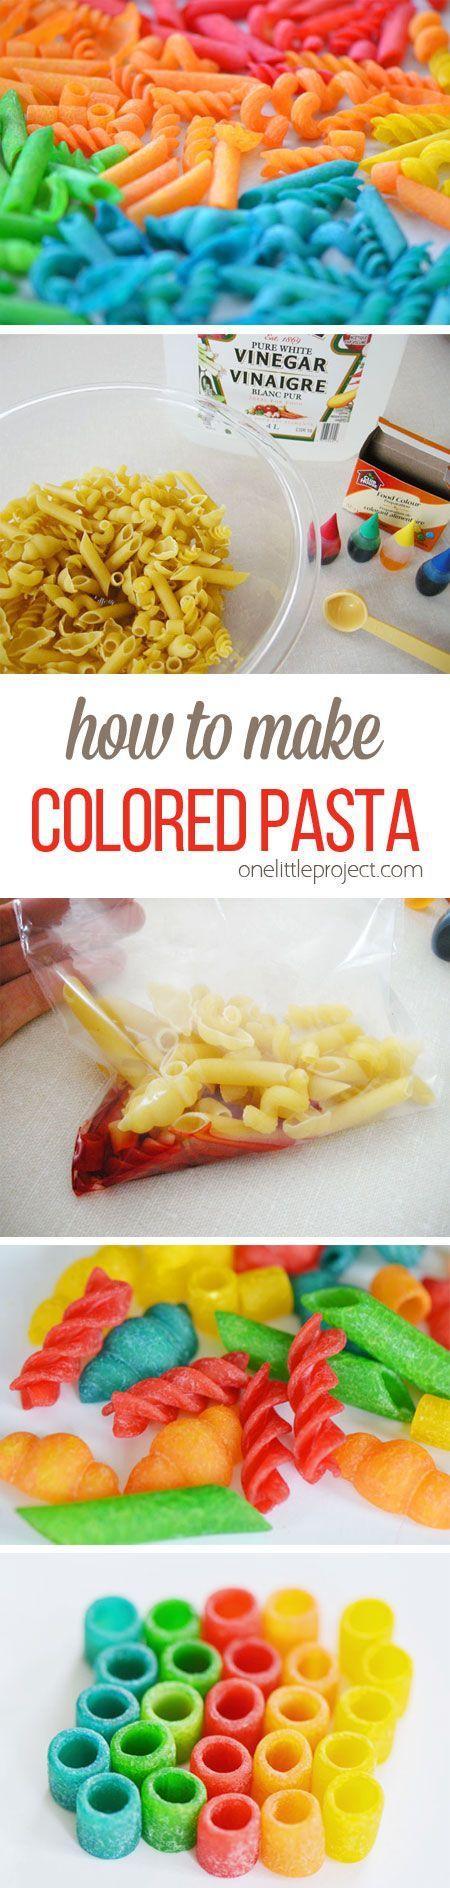 Una cucharada sopera de vinagre blanco por media taza de pasta en una bolsa de autocierre. Mezclar y dejar reposar una media hora. Dejar secar